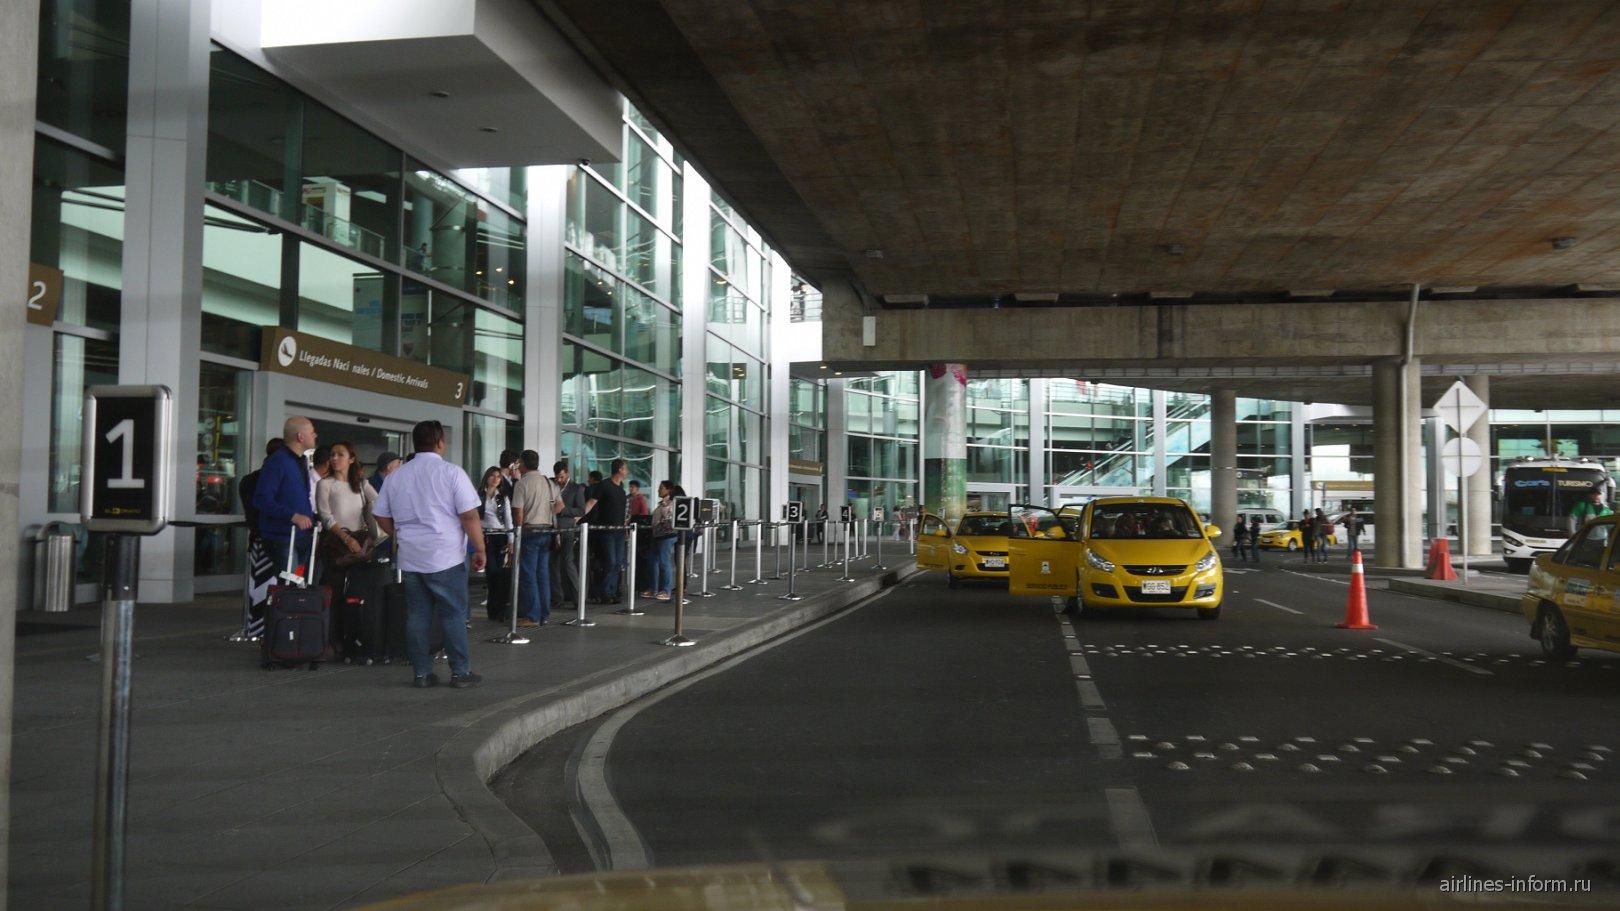 Посадка на такси у терминала внутренних рейсов аэропорта Богота Эльдорадо